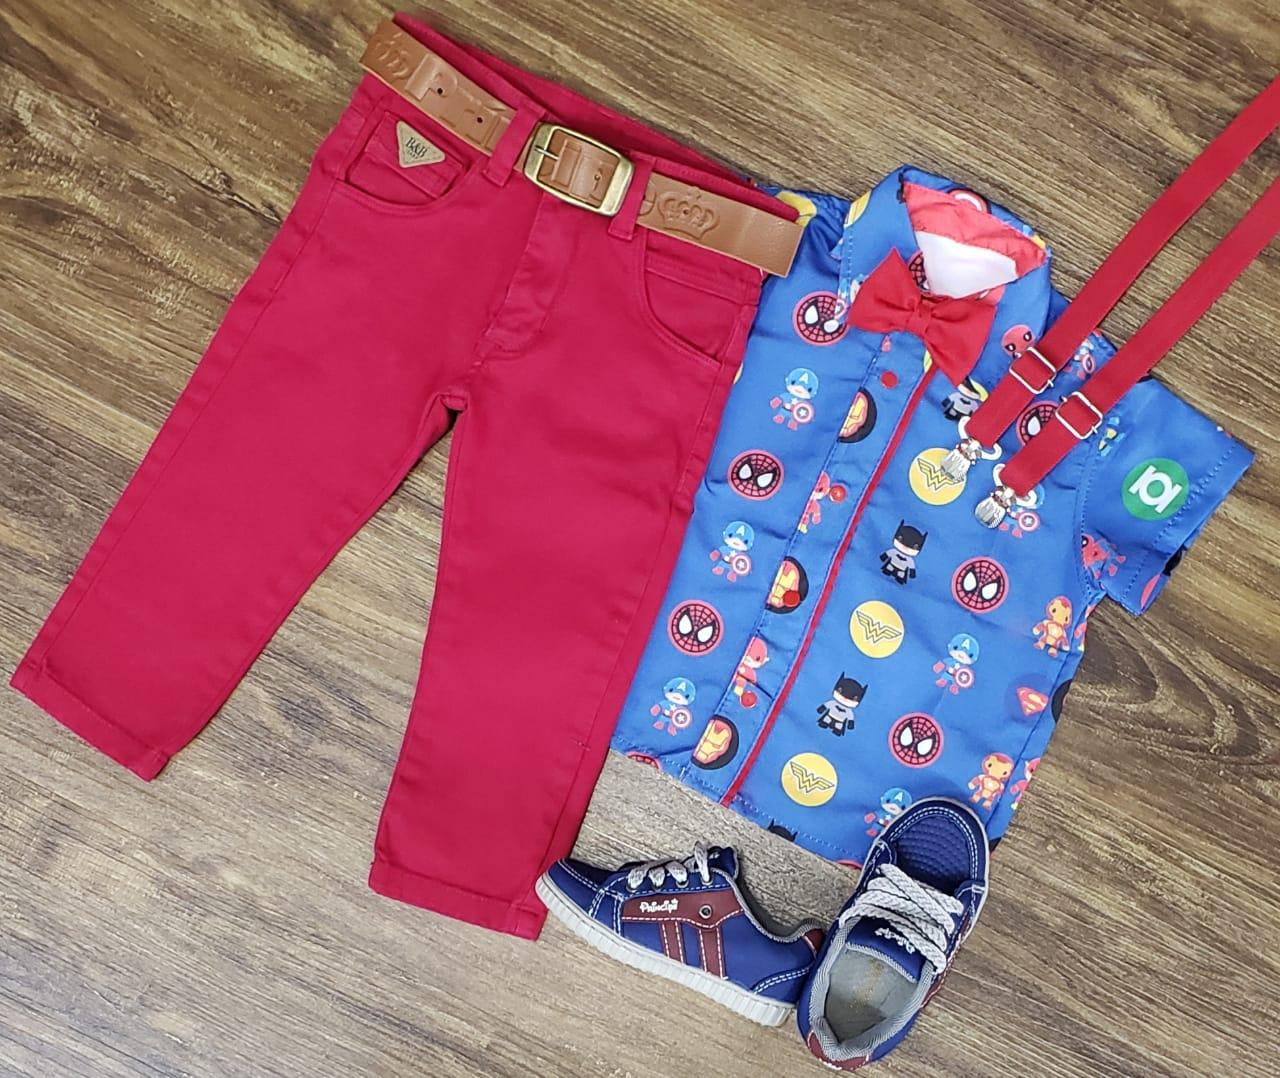 Calça Vermelho Cereja com Suspensório e Camisa Heróis com Gravata